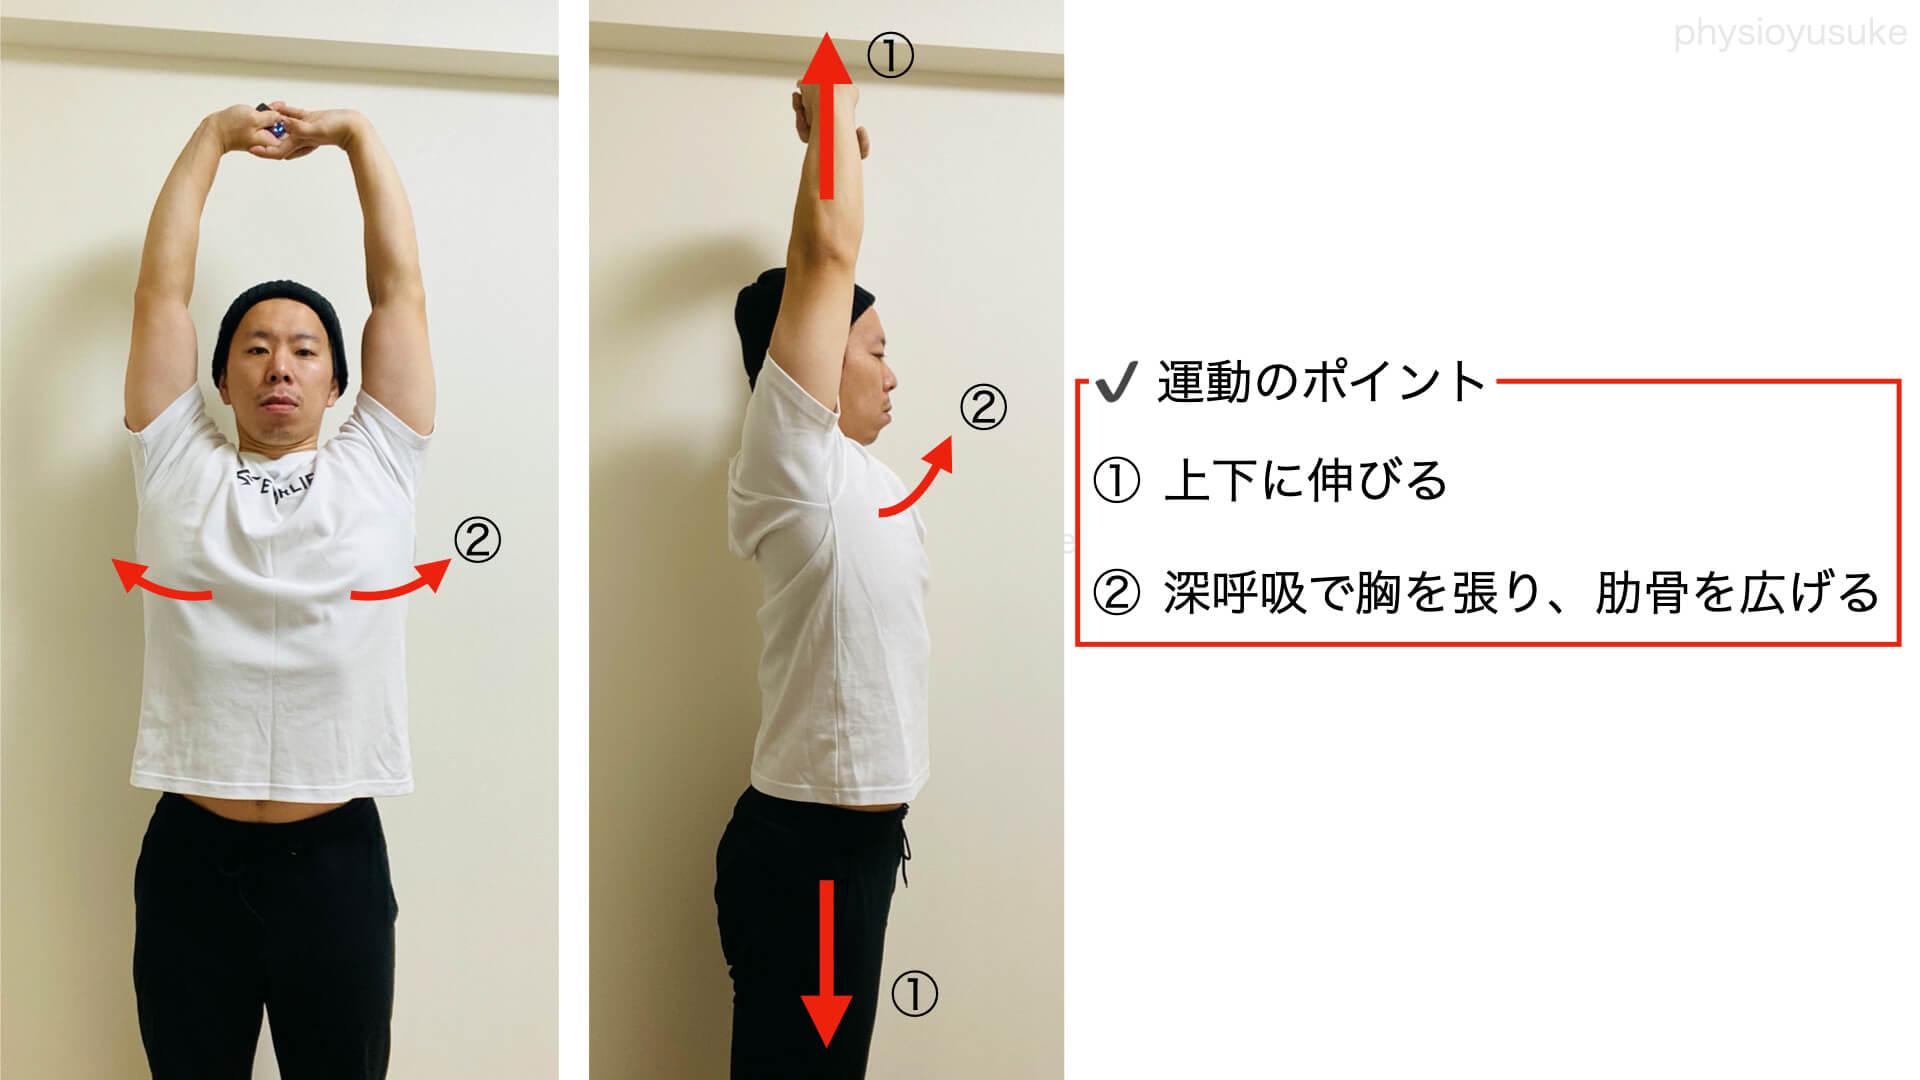 背伸びの運動、肩こり